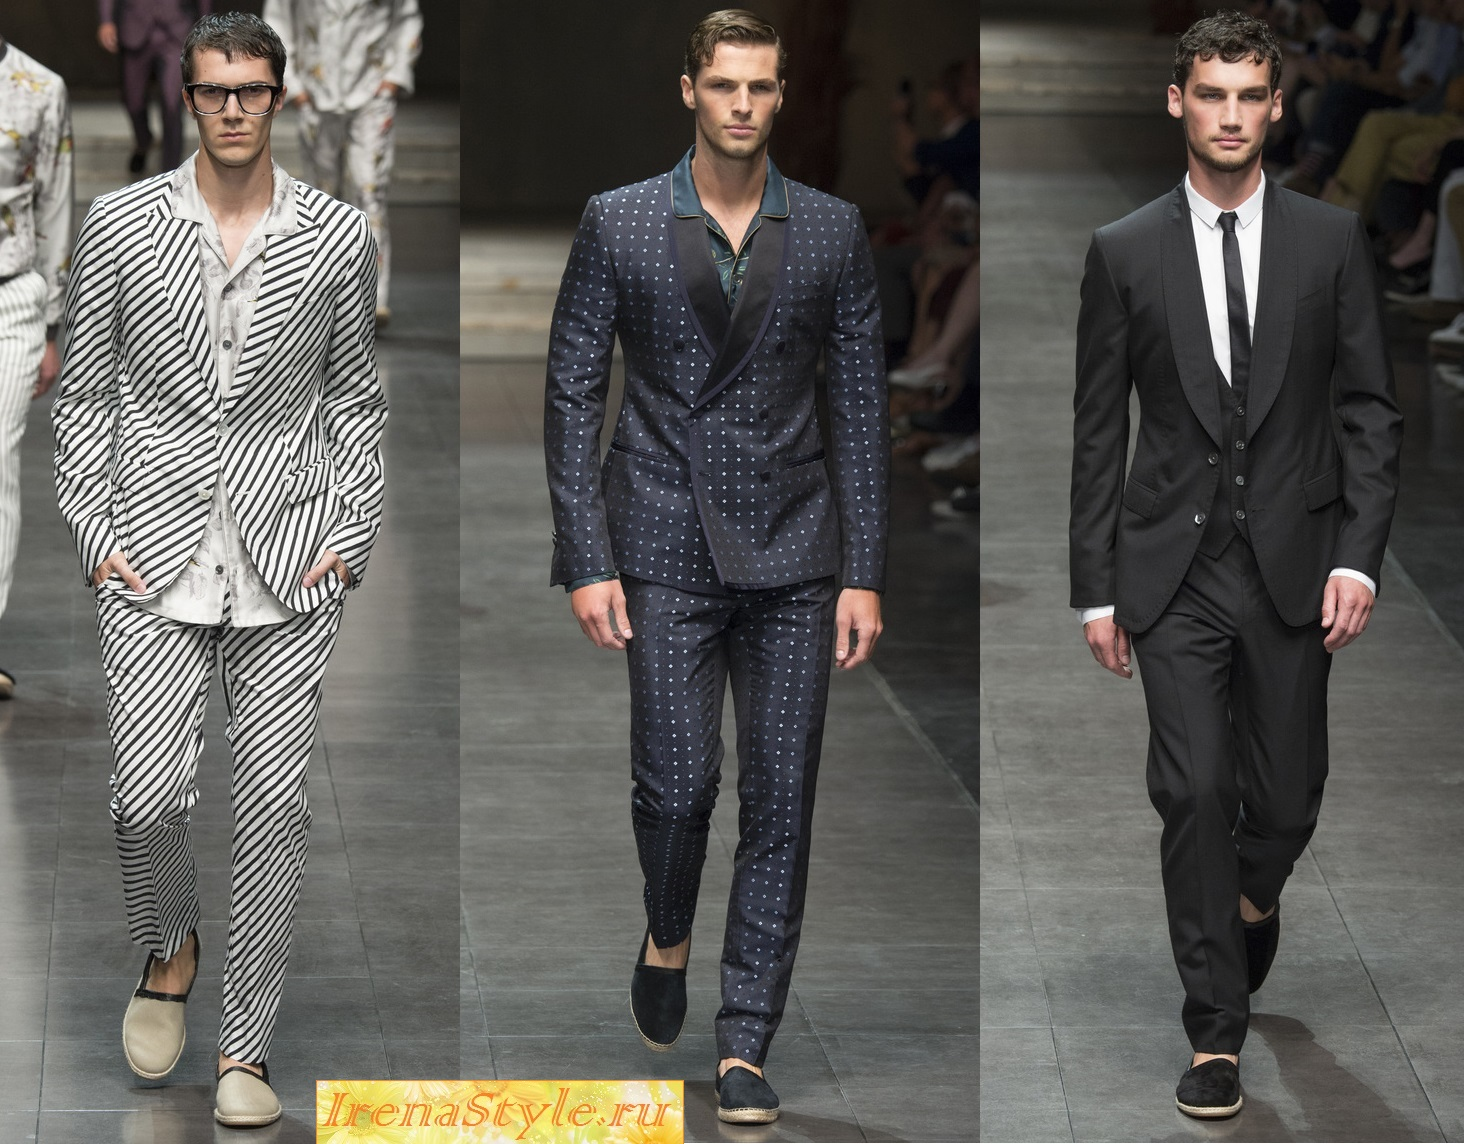 Стильная мужская одежда 2016 тренды фото новинки тенденции